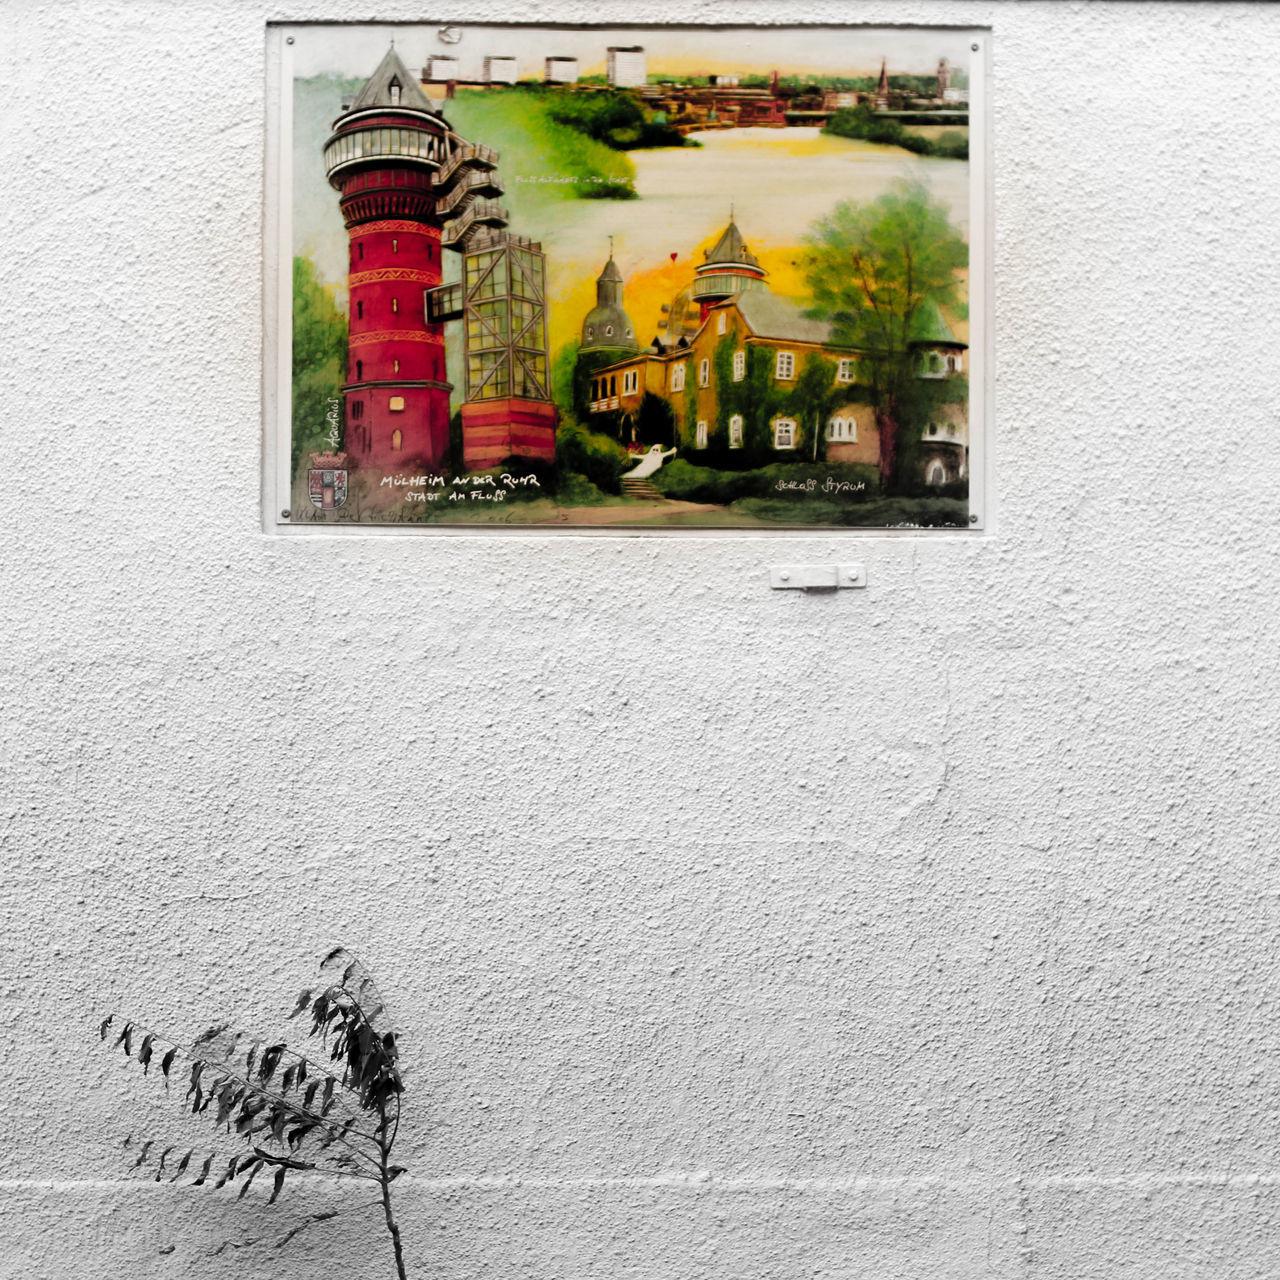 Chill Colorful Day Out Deutschland Hauptbahnhof Müllheim NRW Street